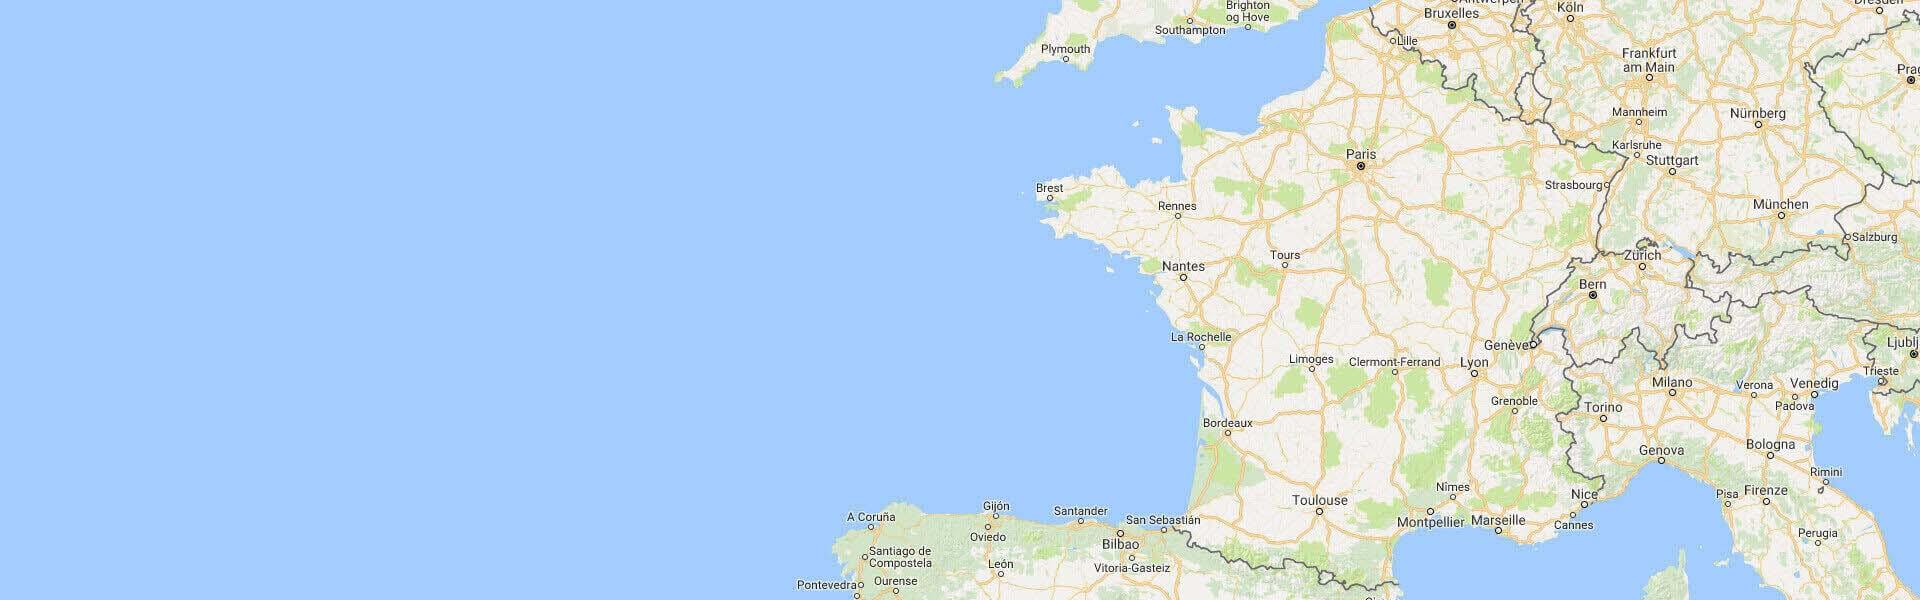 france-audika_map